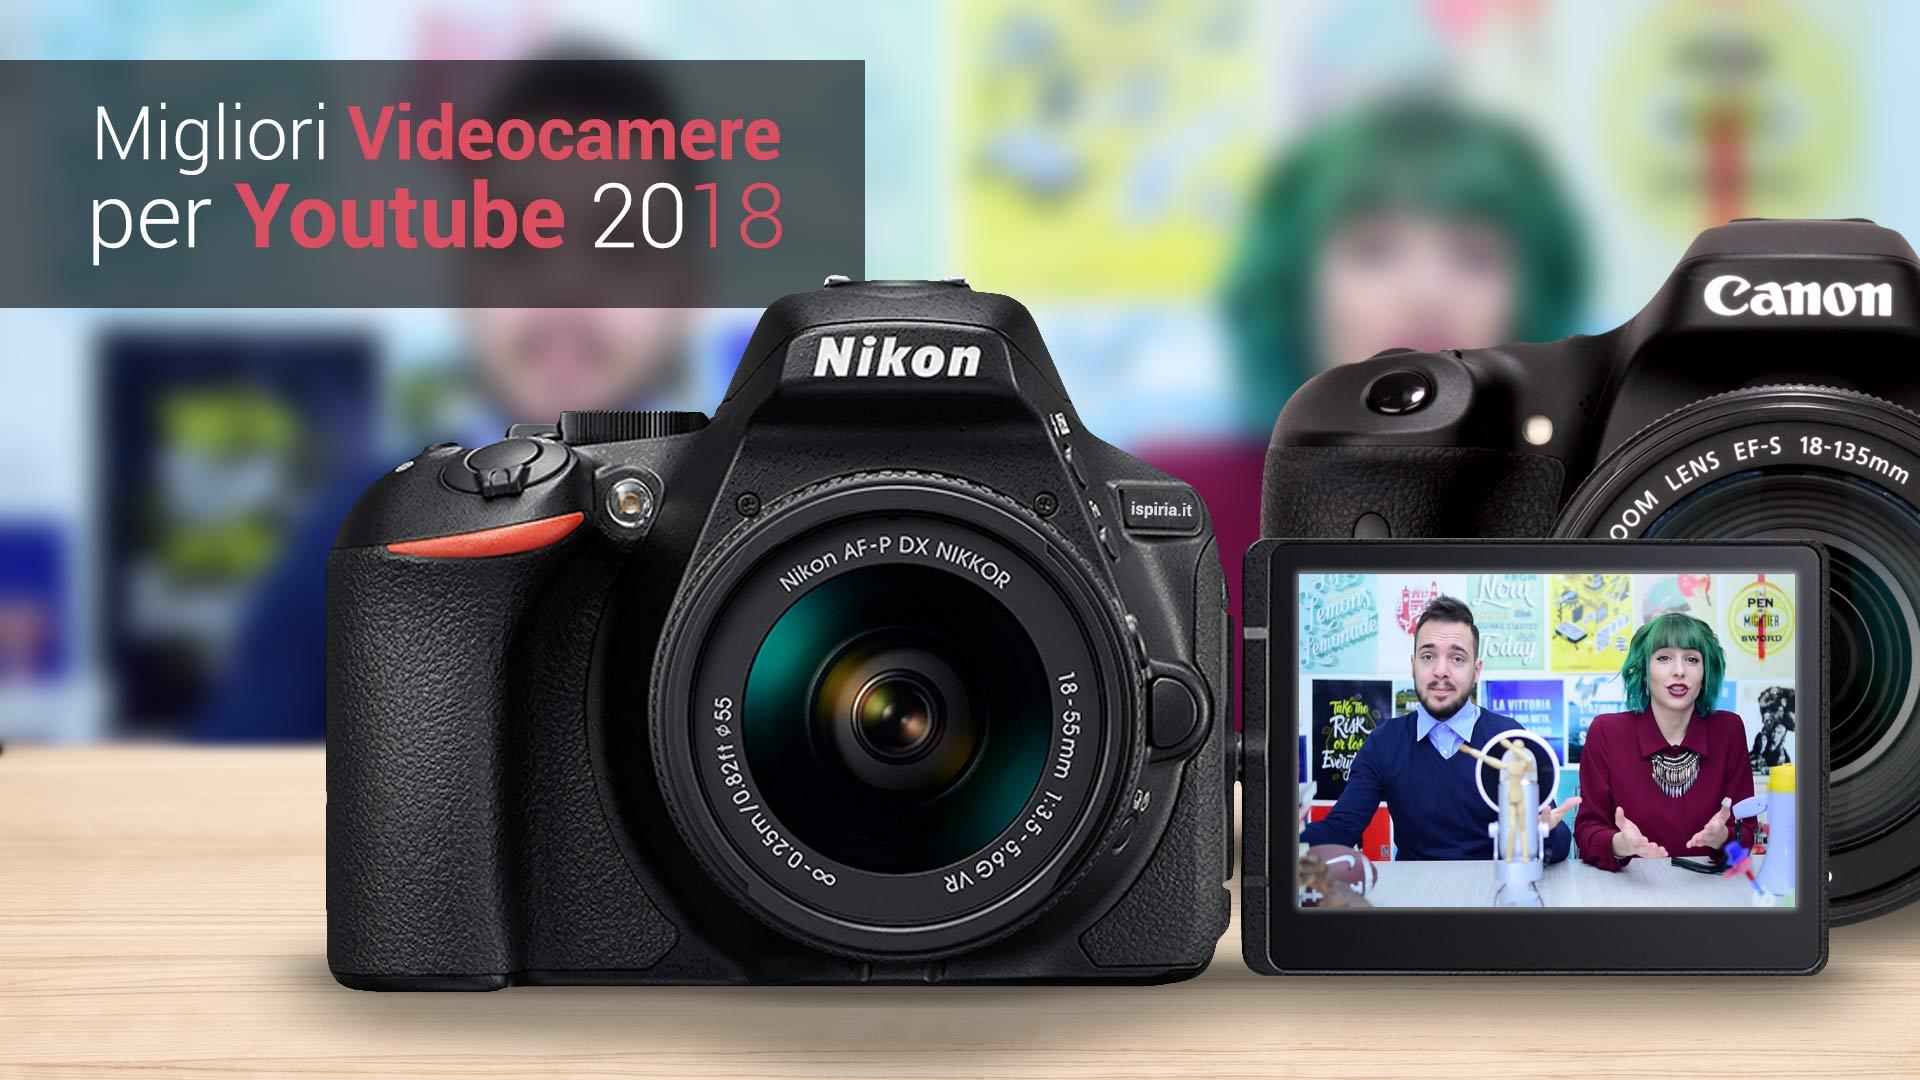 migliori-videocamere-youtube-2018-youtuber